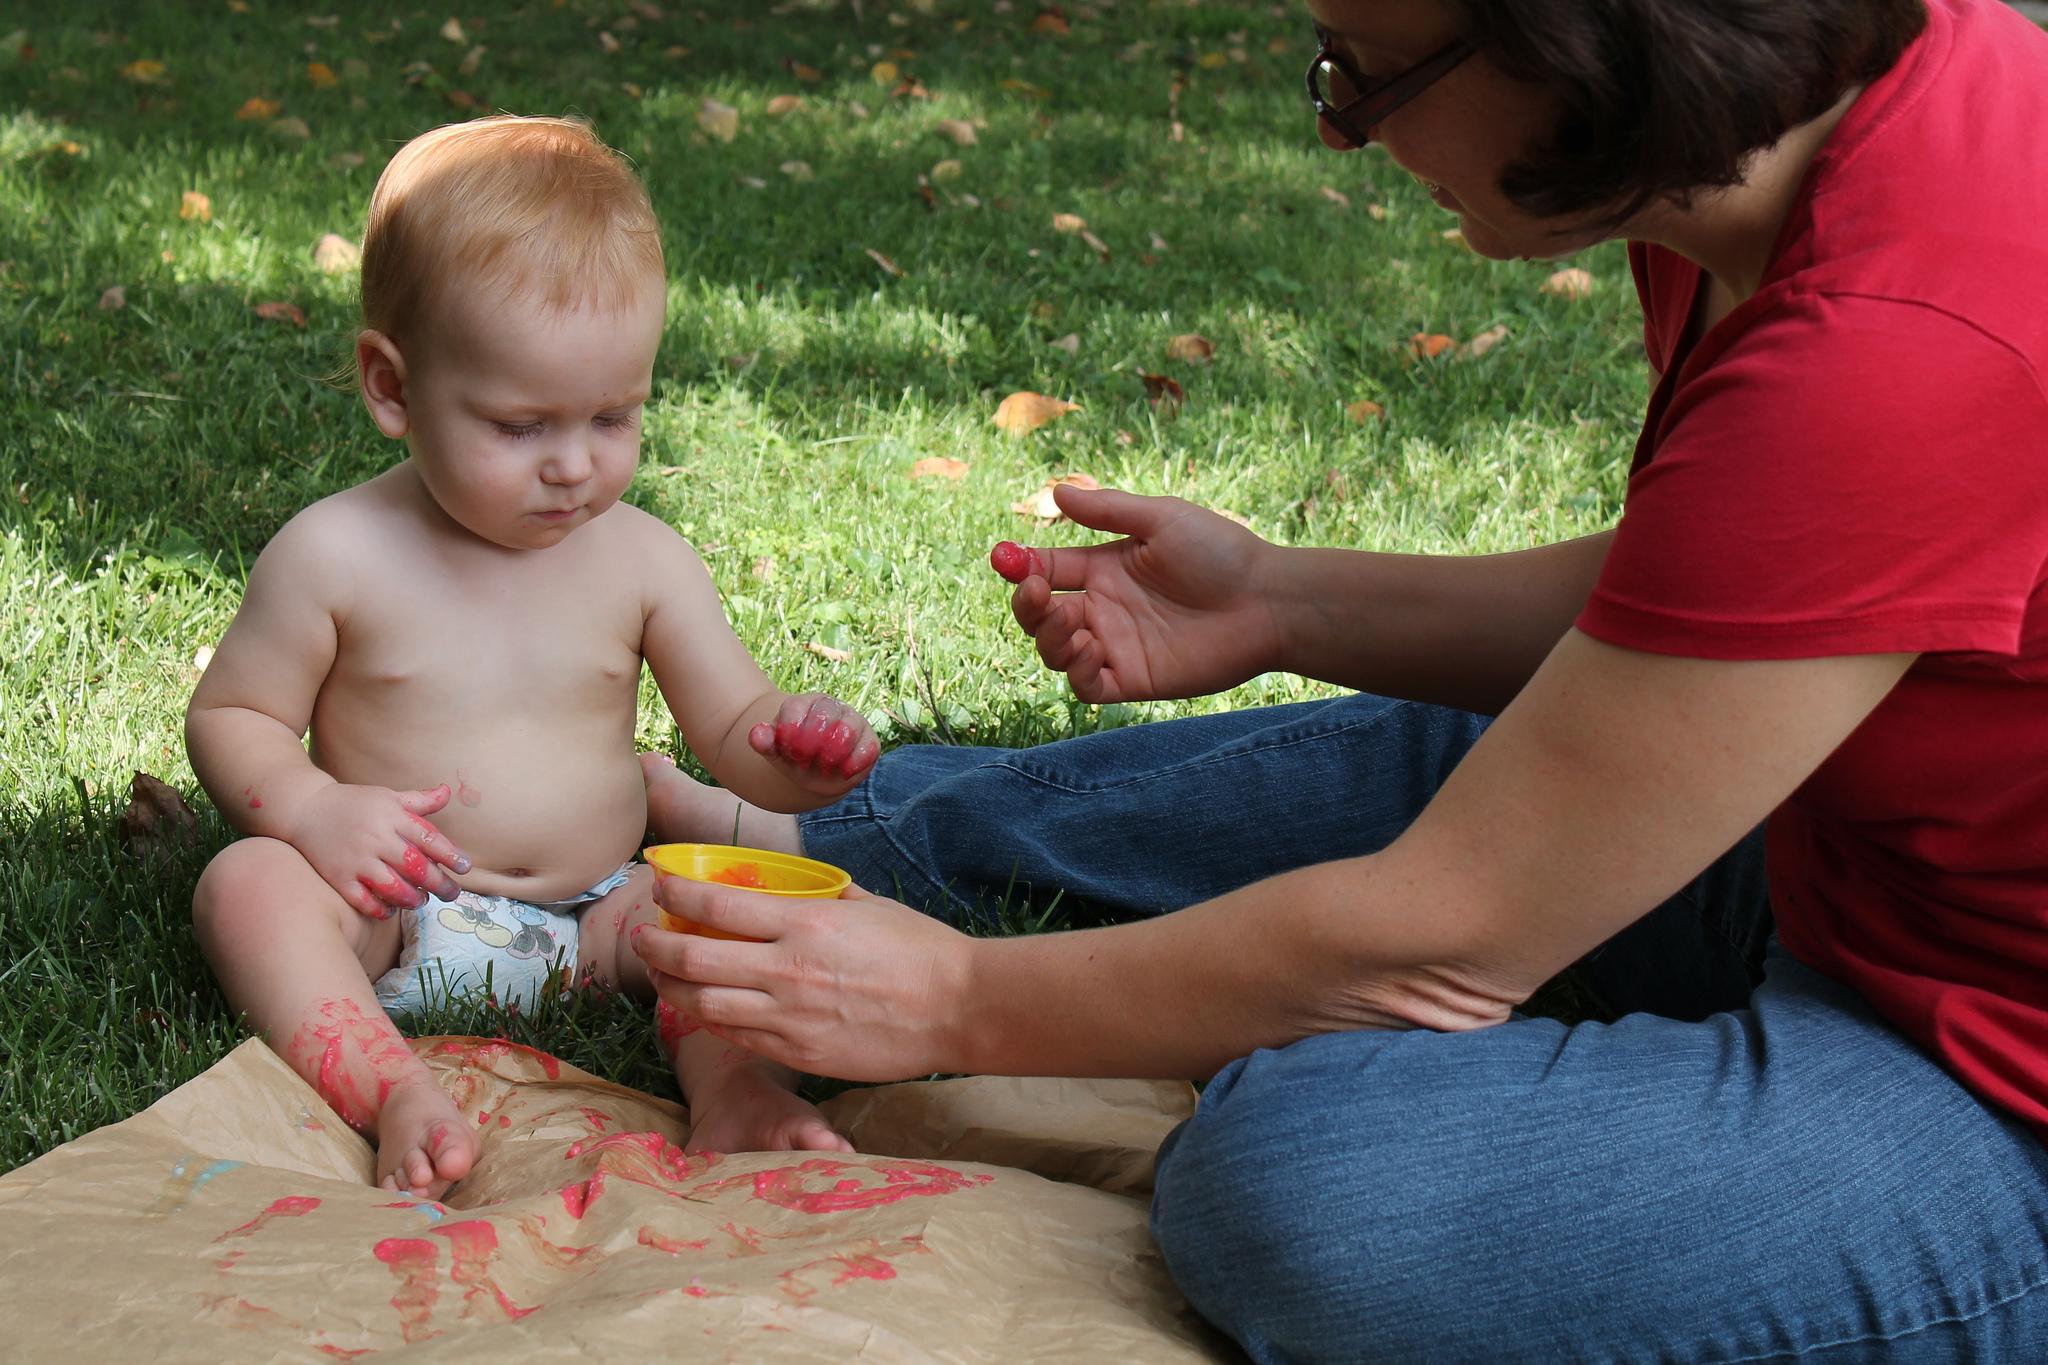 peinture extérieur activité créative enfant